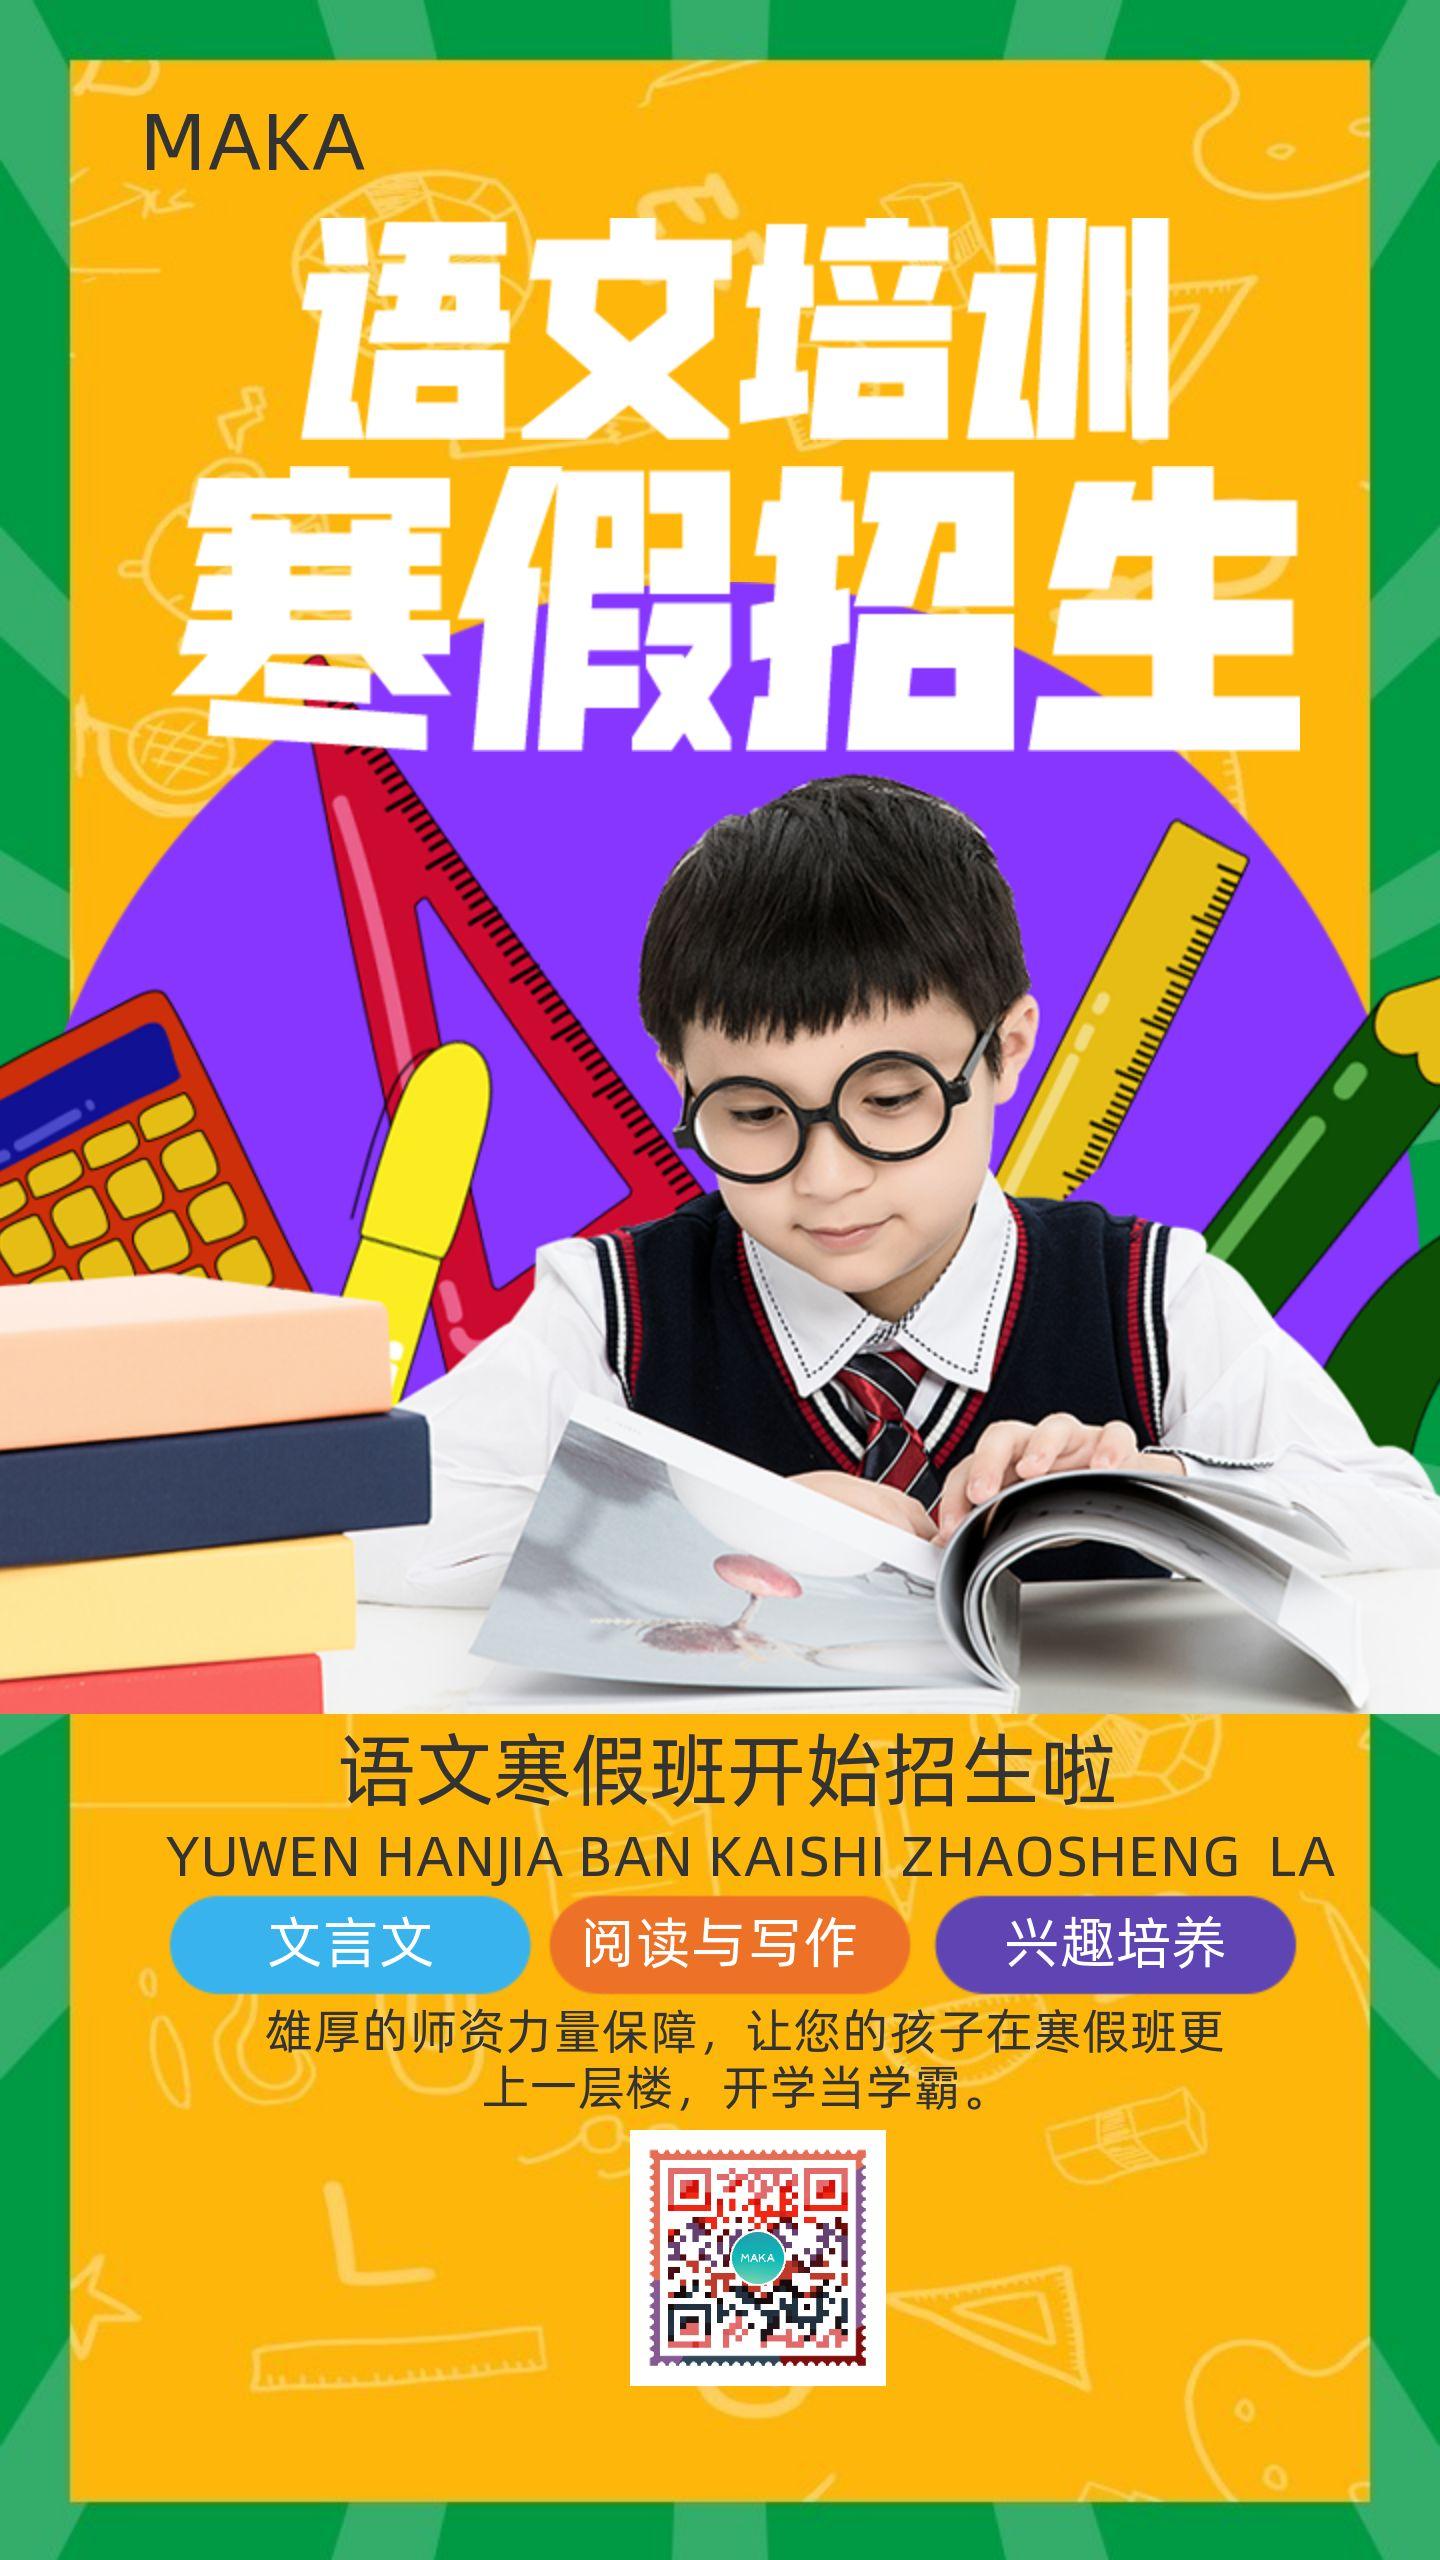 黄色简单简约风中小学辅导培训招生教育手机宣传海报